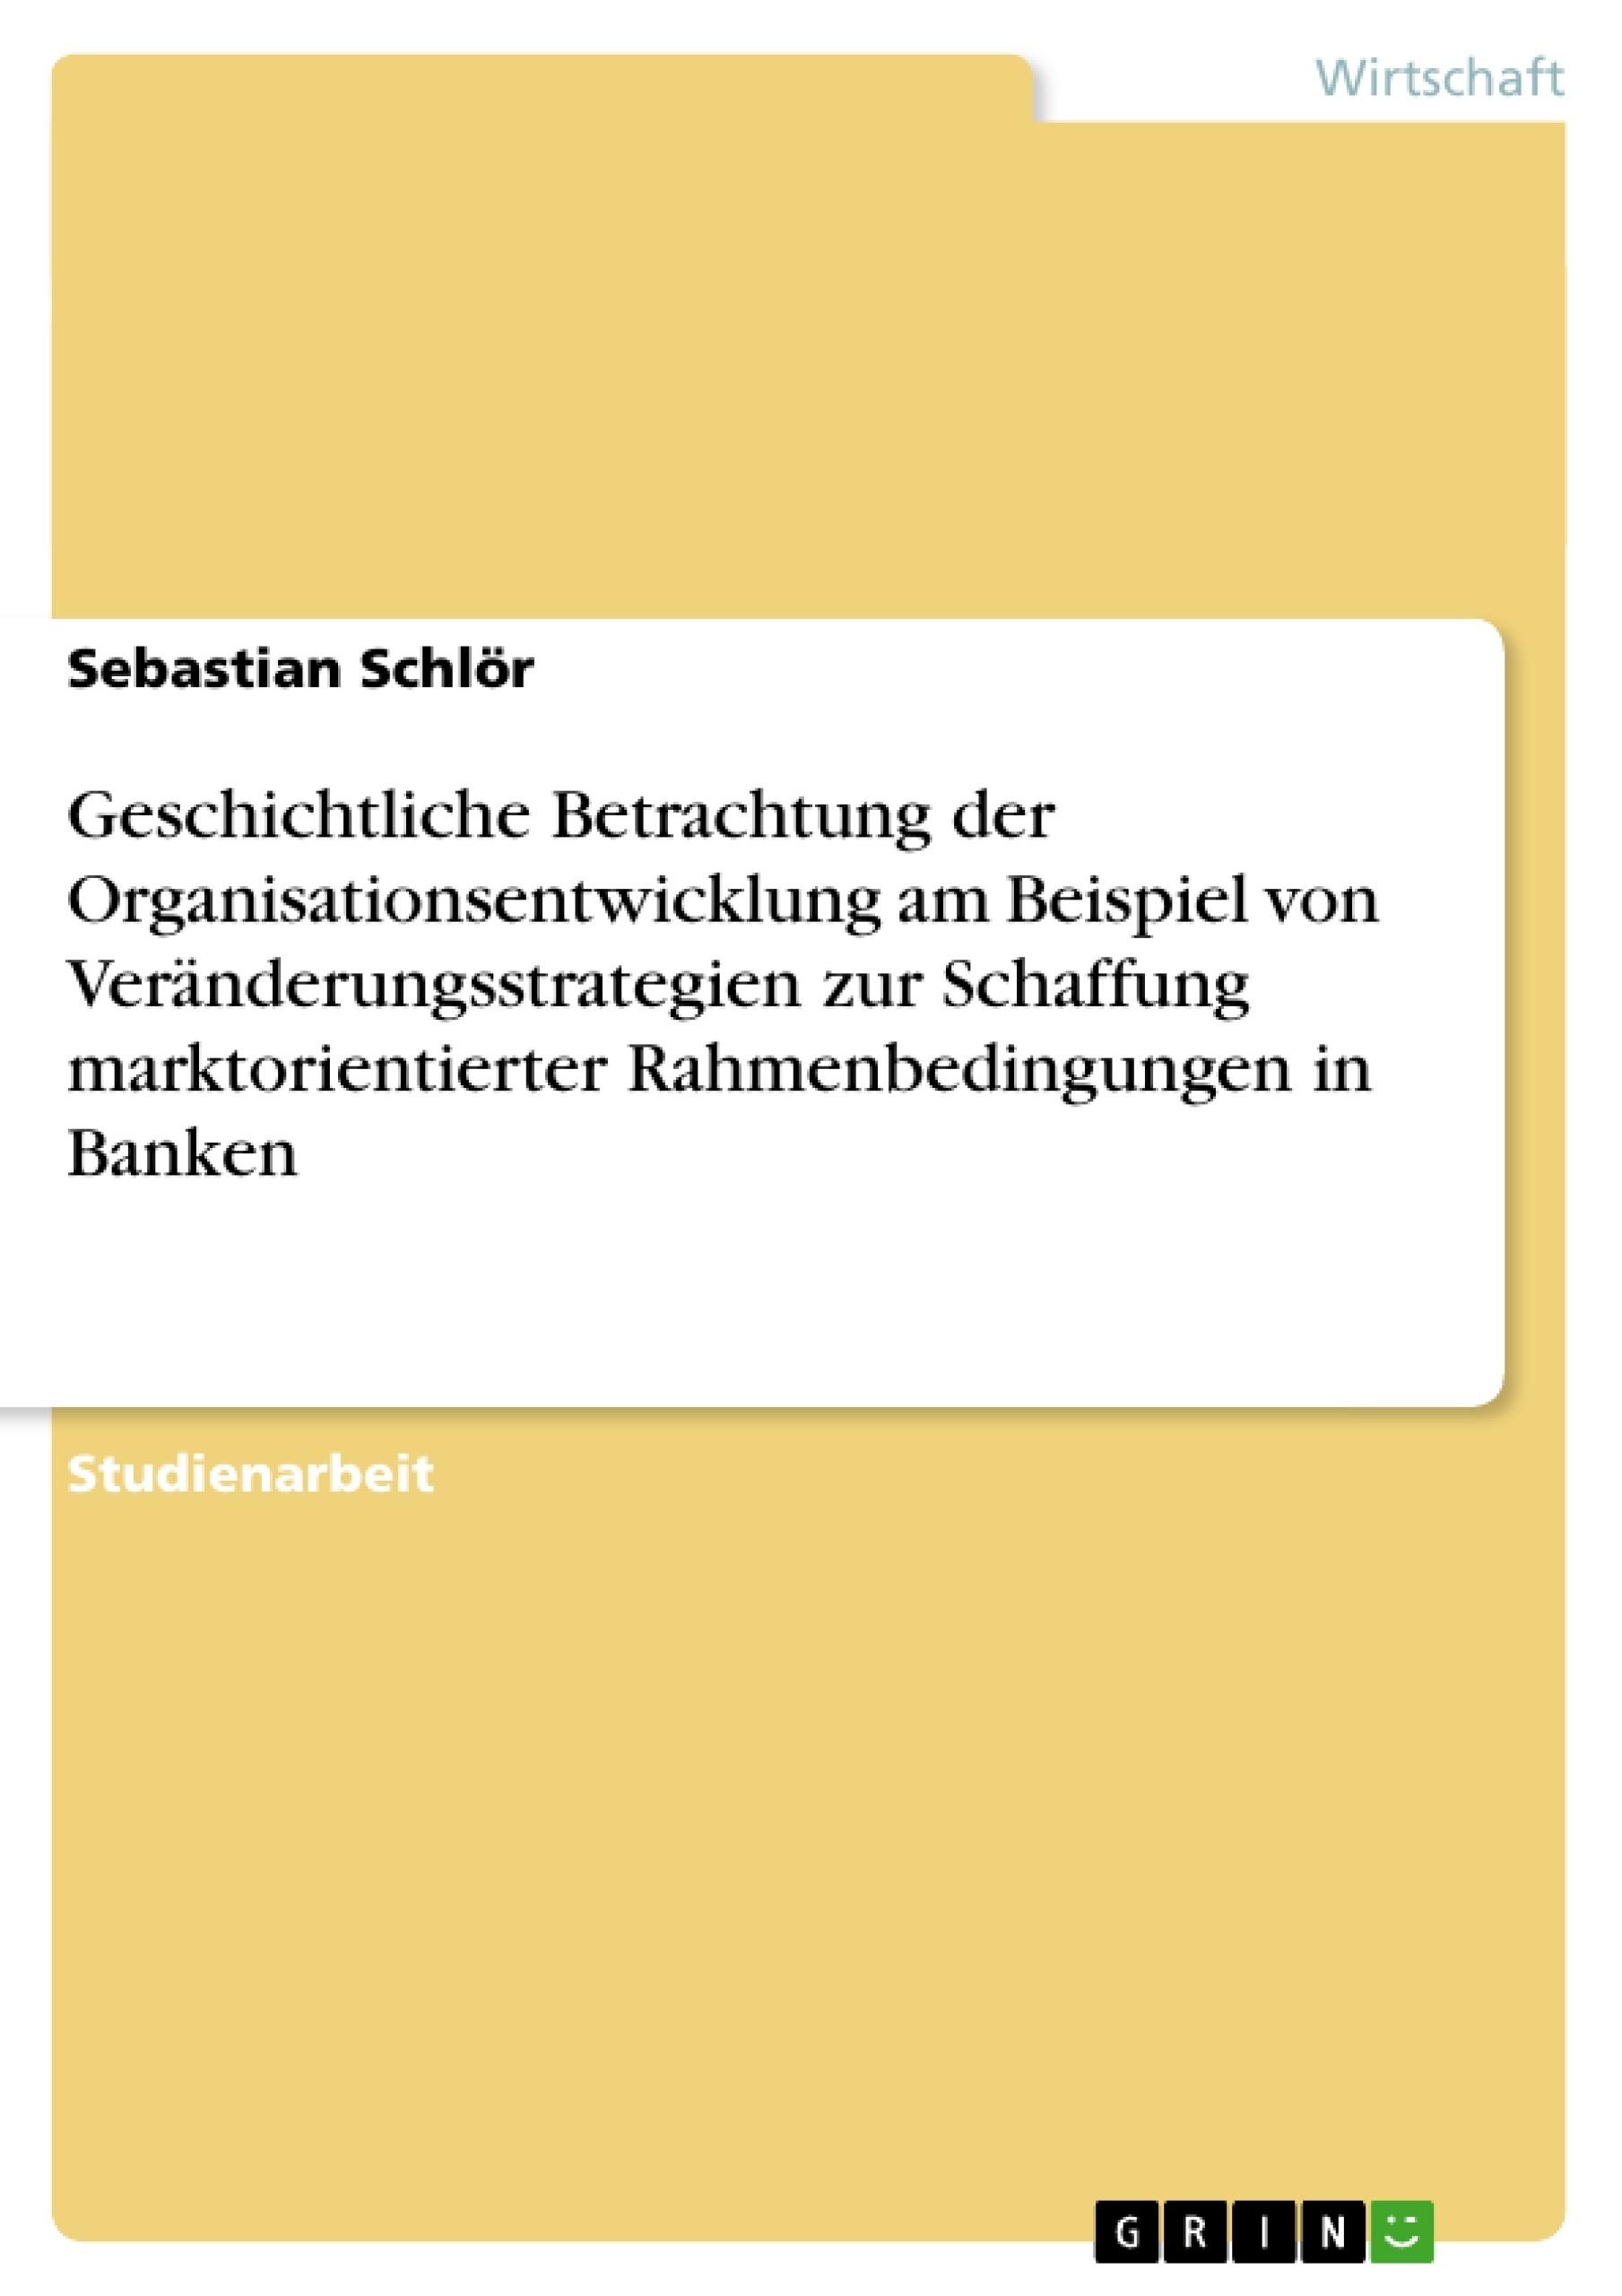 Titel: Geschichtliche Betrachtung der Organisationsentwicklung am Beispiel von Veränderungsstrategien zur Schaffung marktorientierter Rahmenbedingungen in Banken